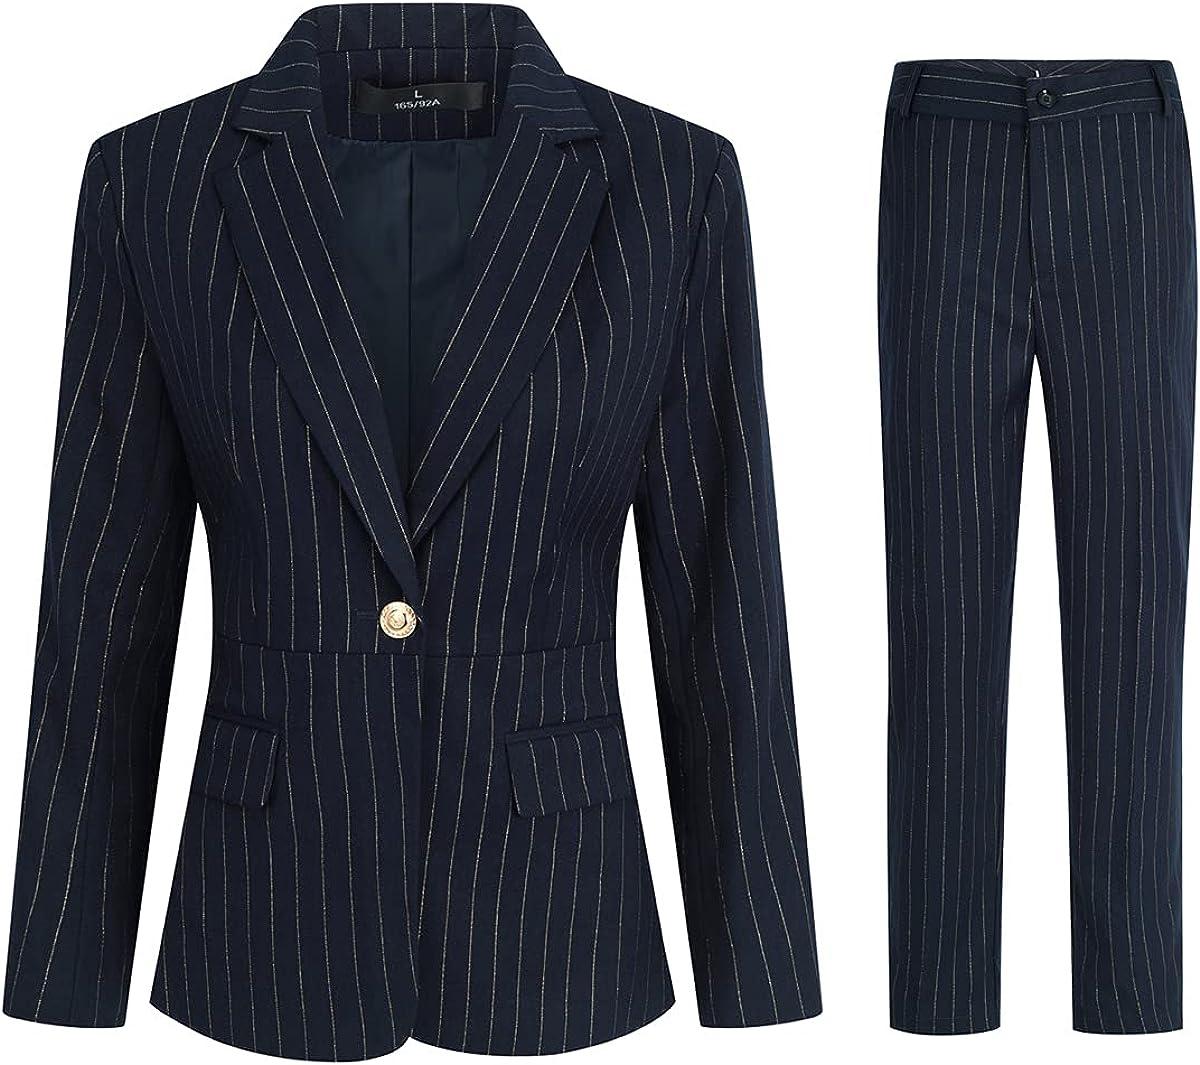 Women's 2 Piece Stripes Business Suit Set Office Lady Blazer Jacket Pant